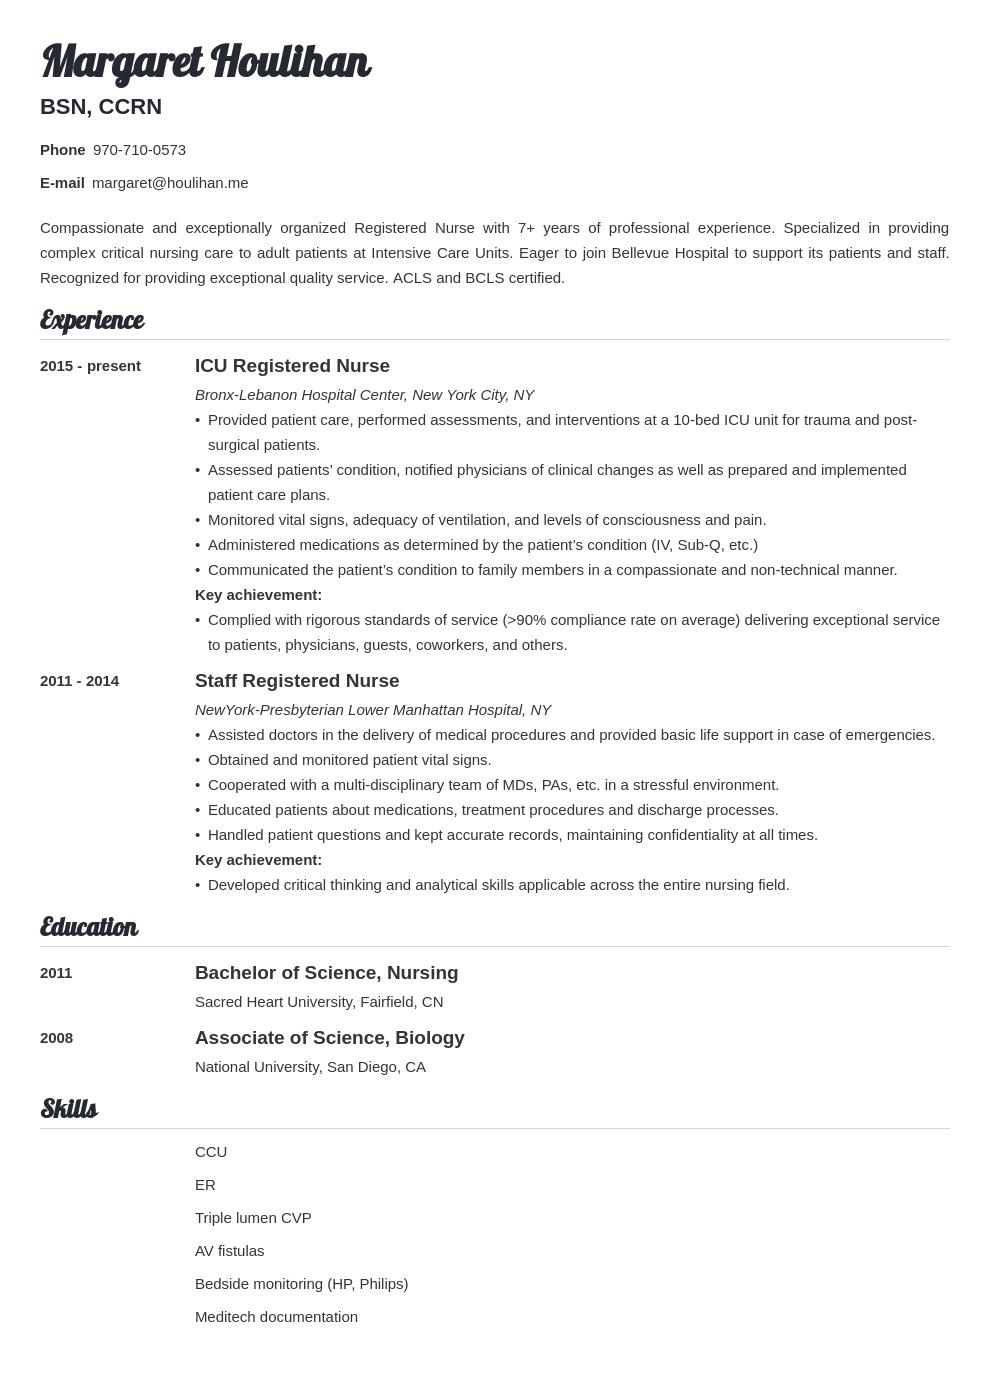 icu nurse resume example template valera in 2020 Icu